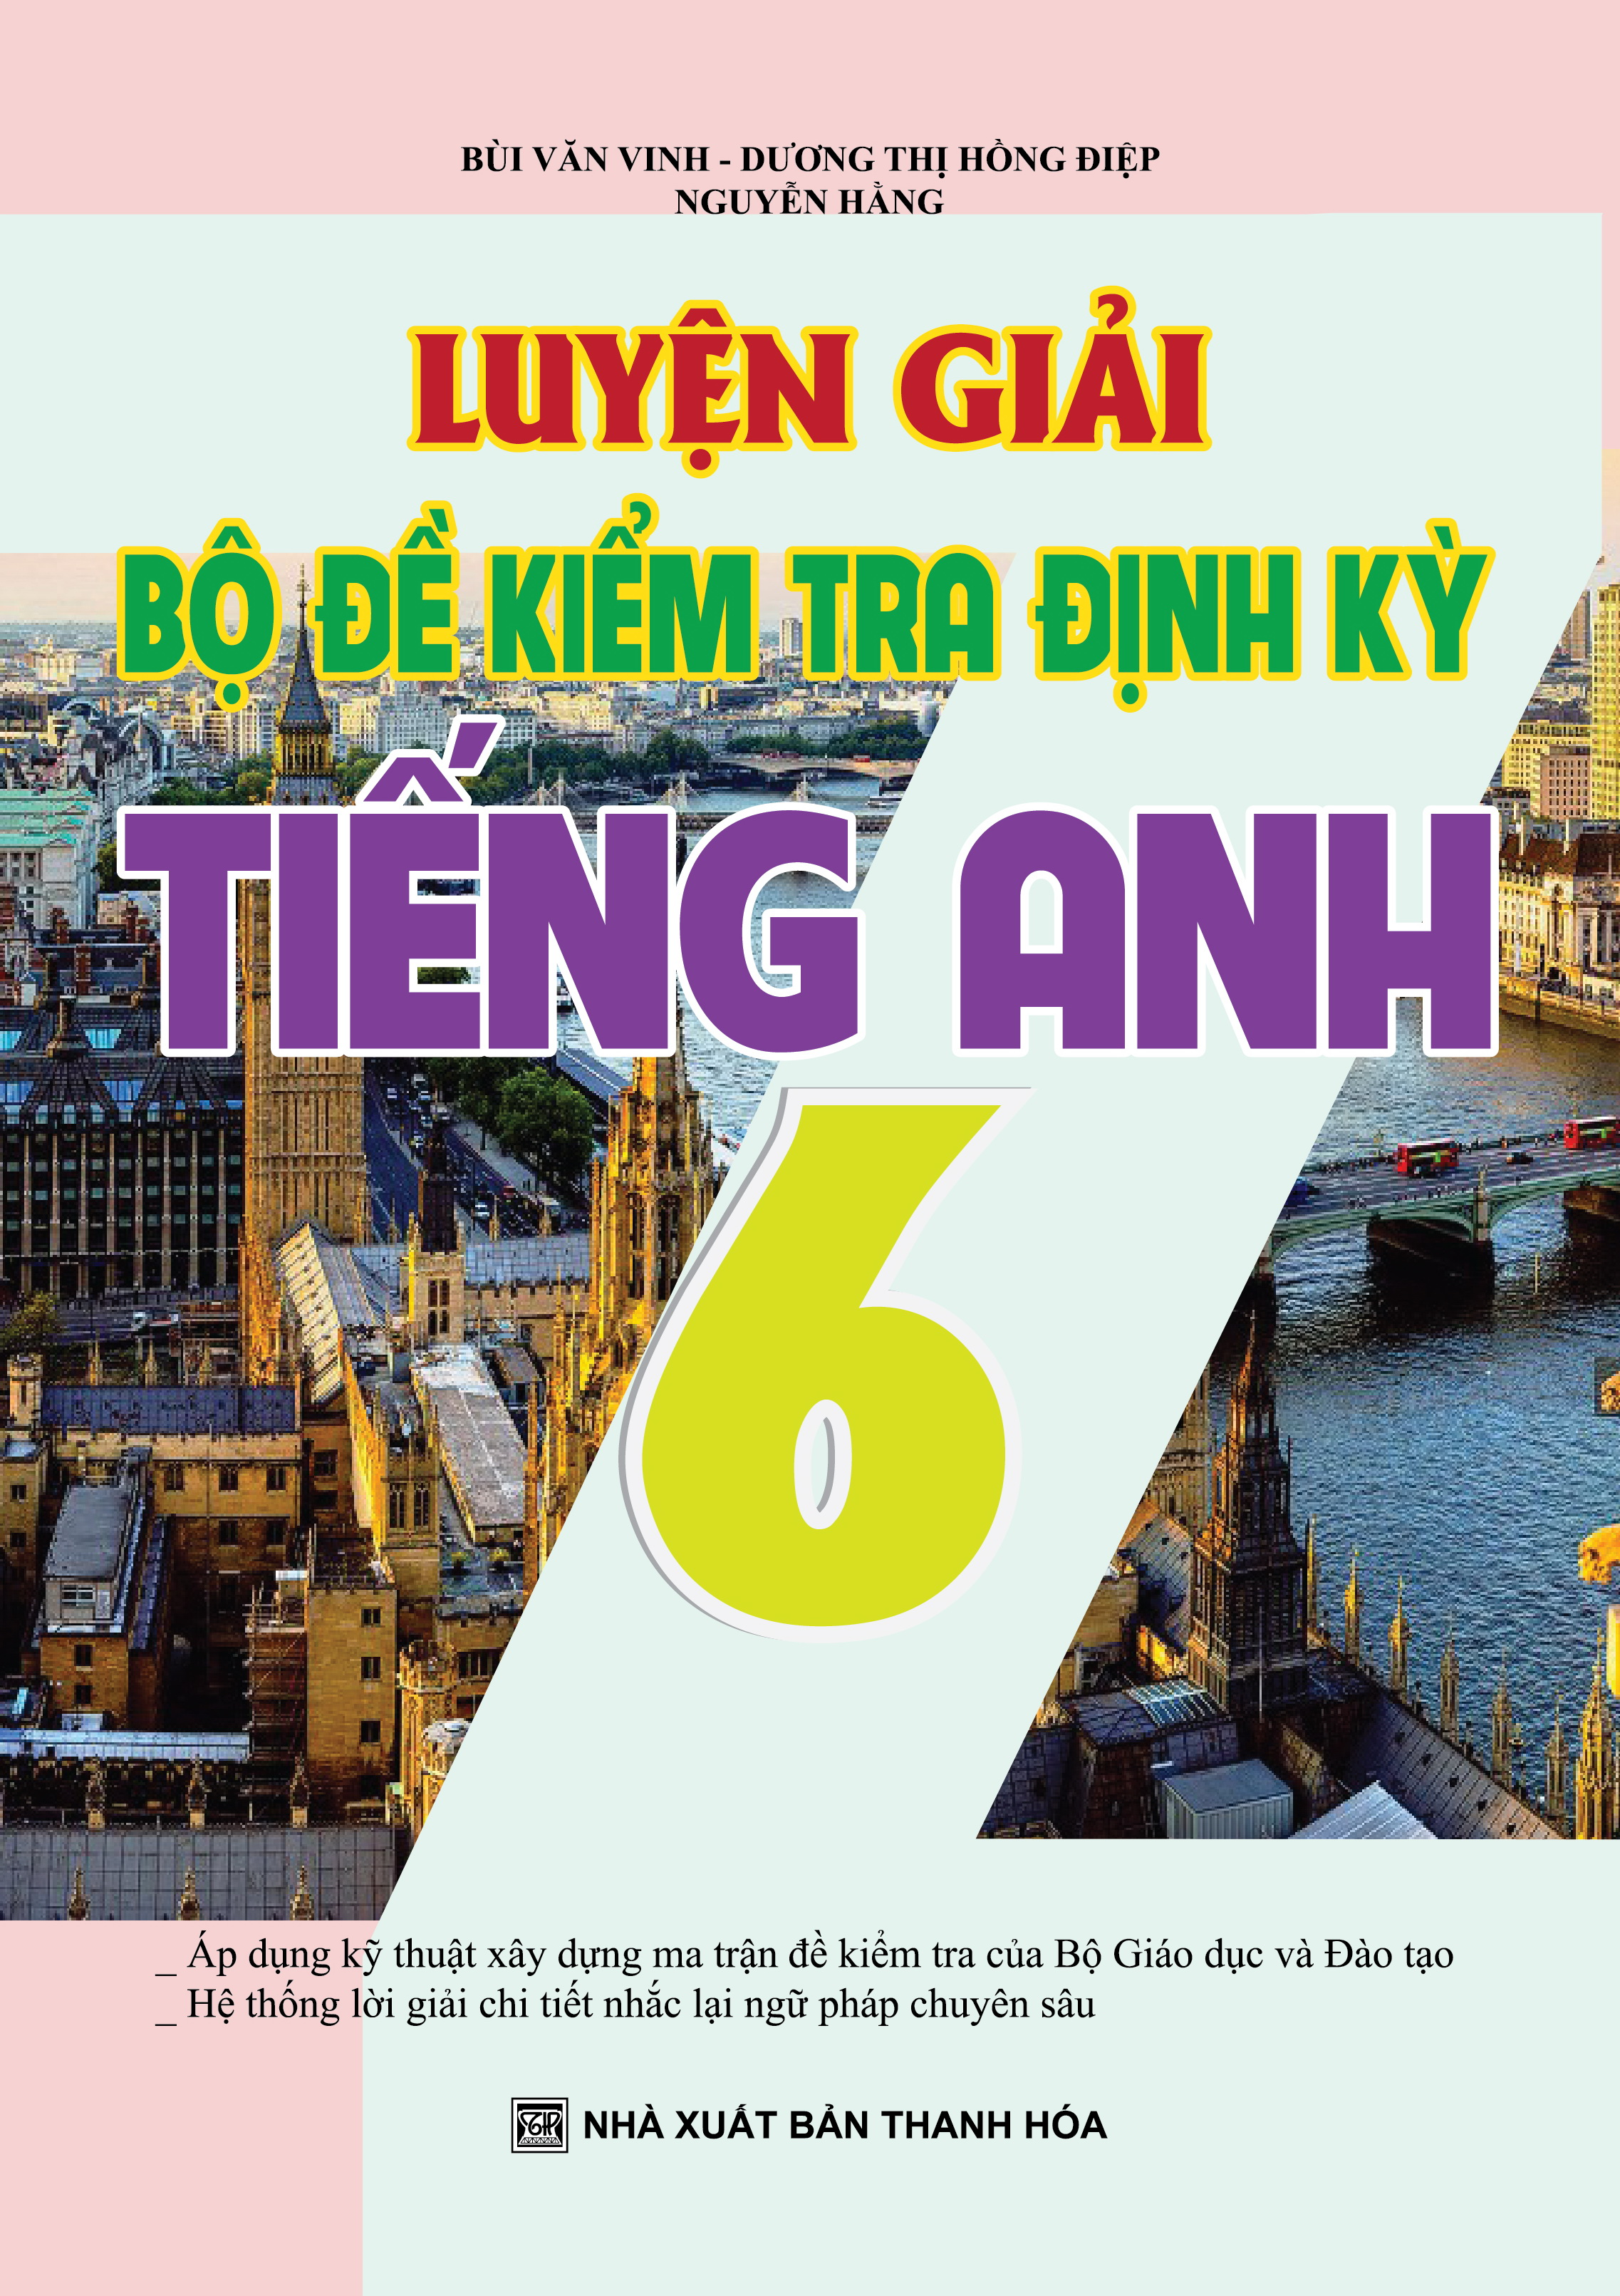 Luyện Giải Bộ Đề Kiểm Tra Định Kỳ Tiếng Anh 6 (Khang Việt) - EBOOK/PDF/PRC/EPUB